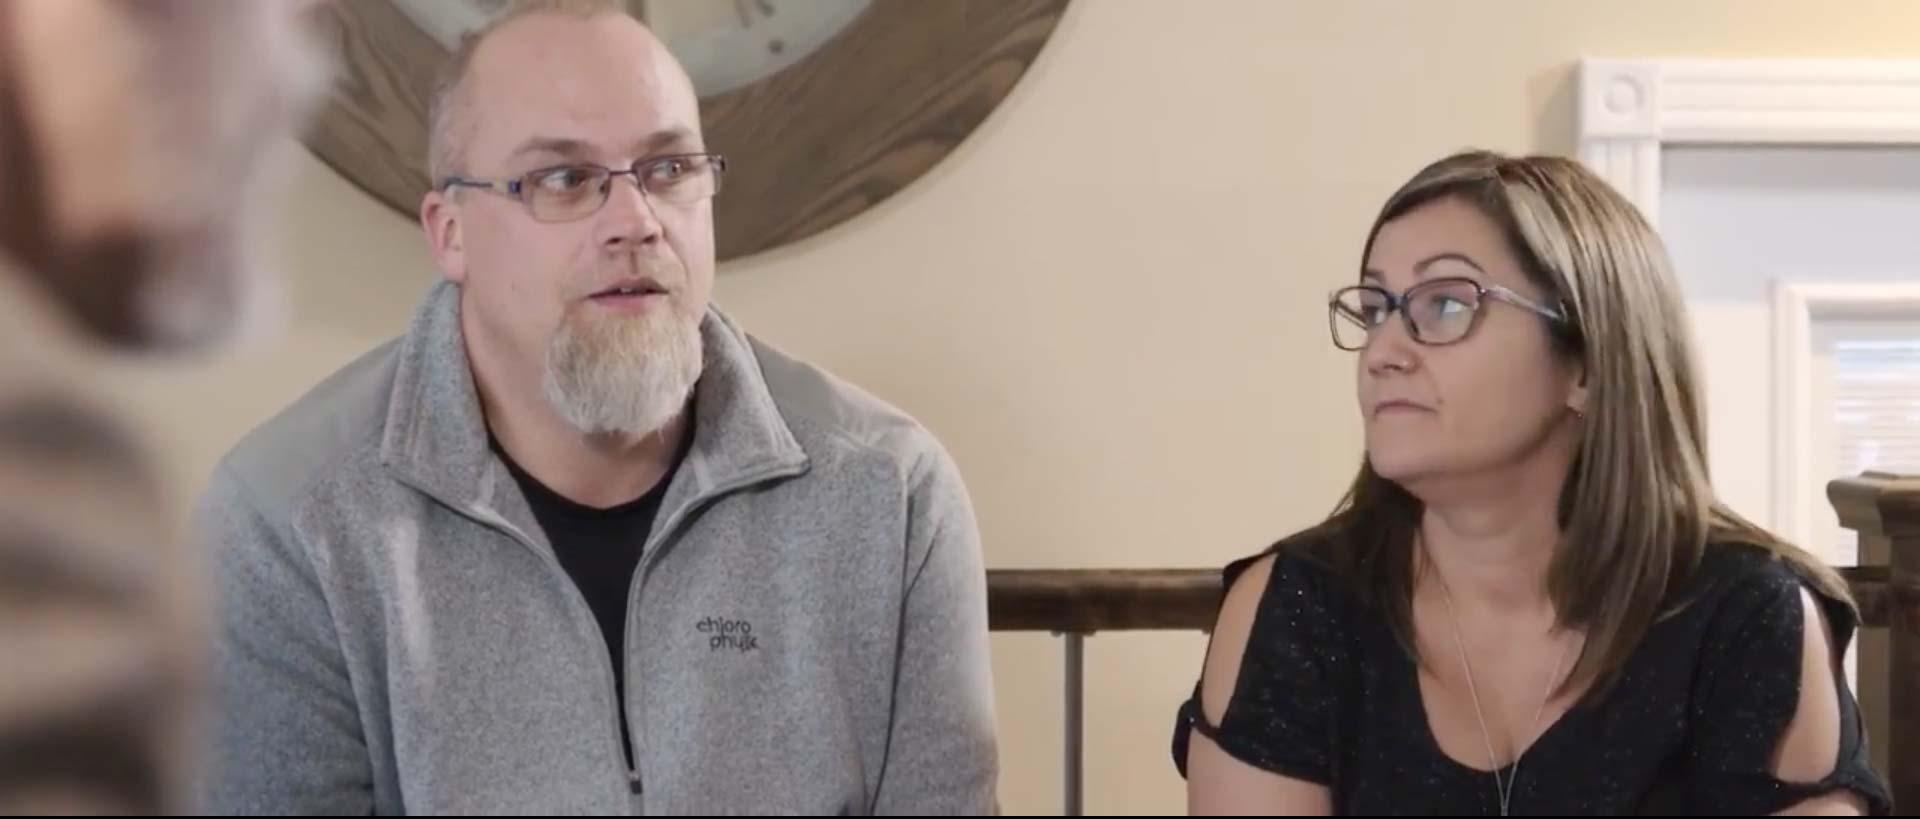 Testimonial video snapshot